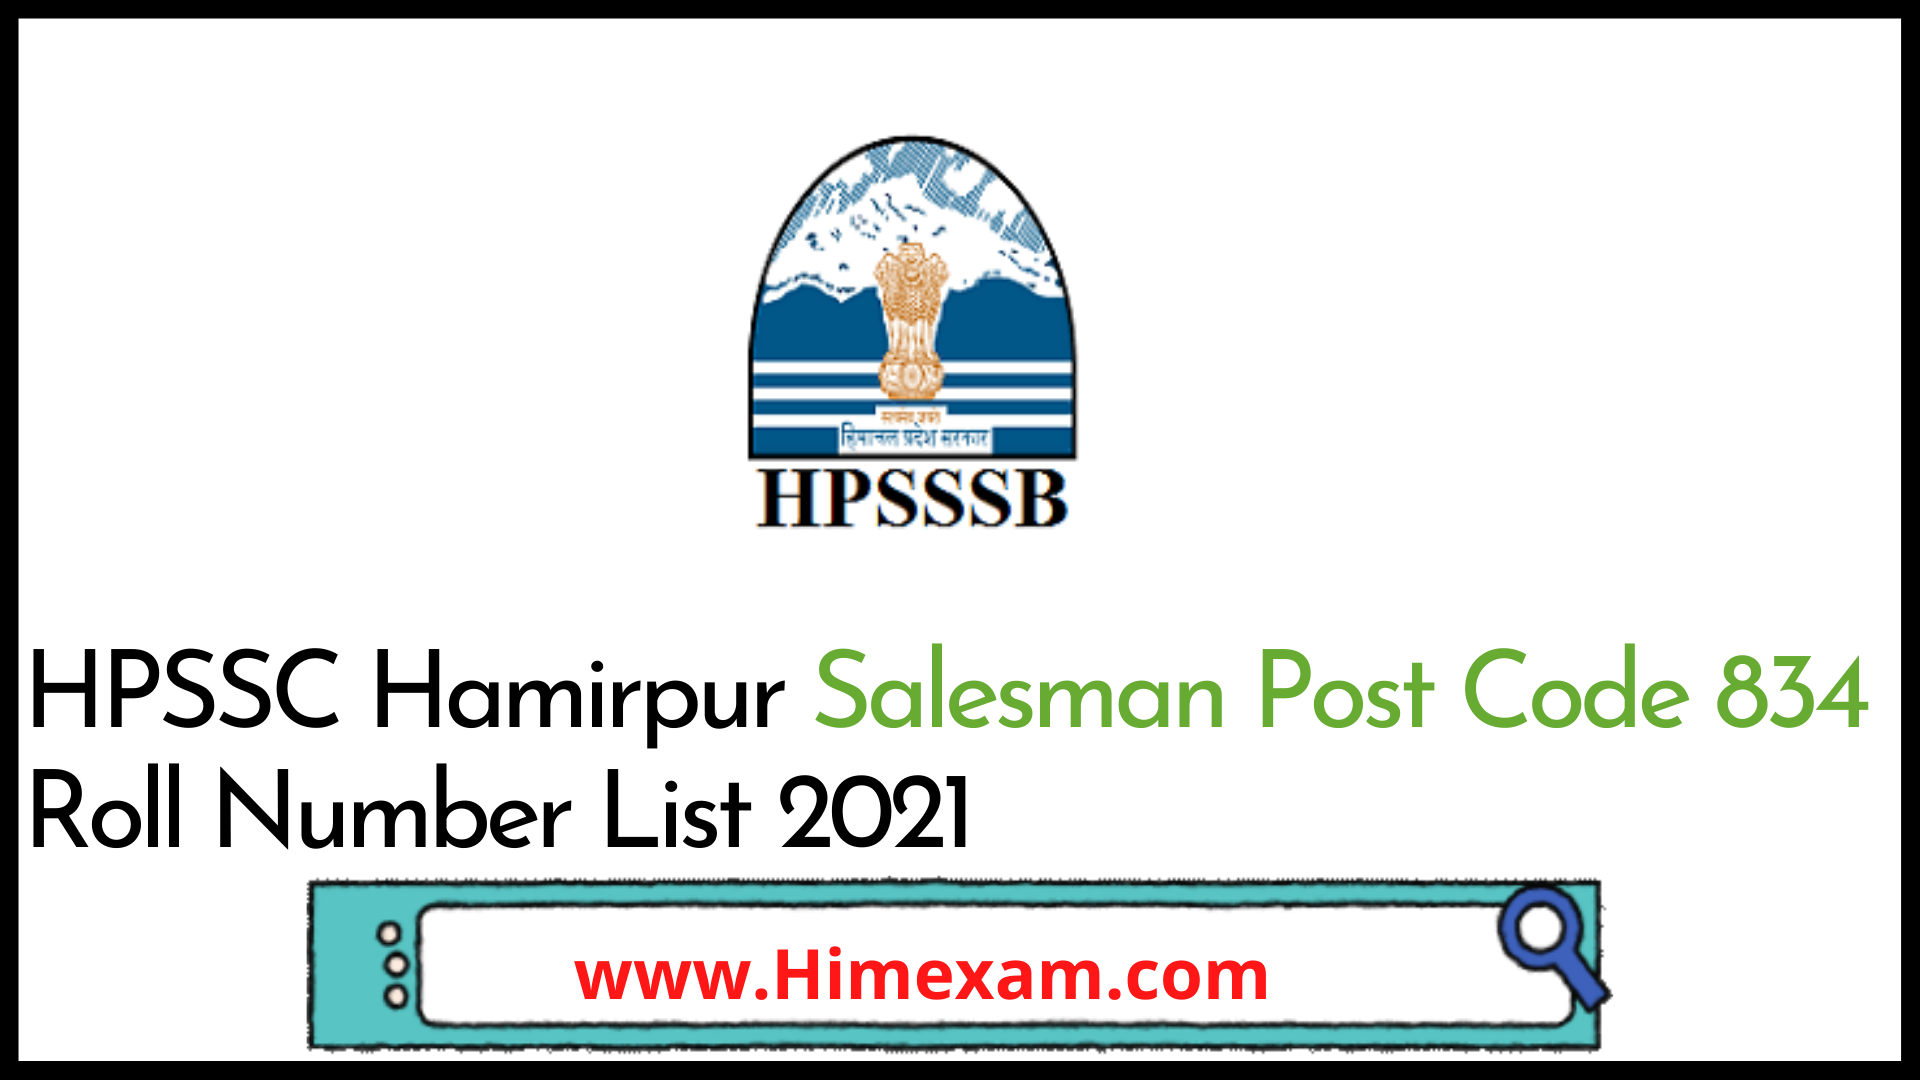 HPSSC Hamirpur Salesman Post Code 834 Roll Number List 2021